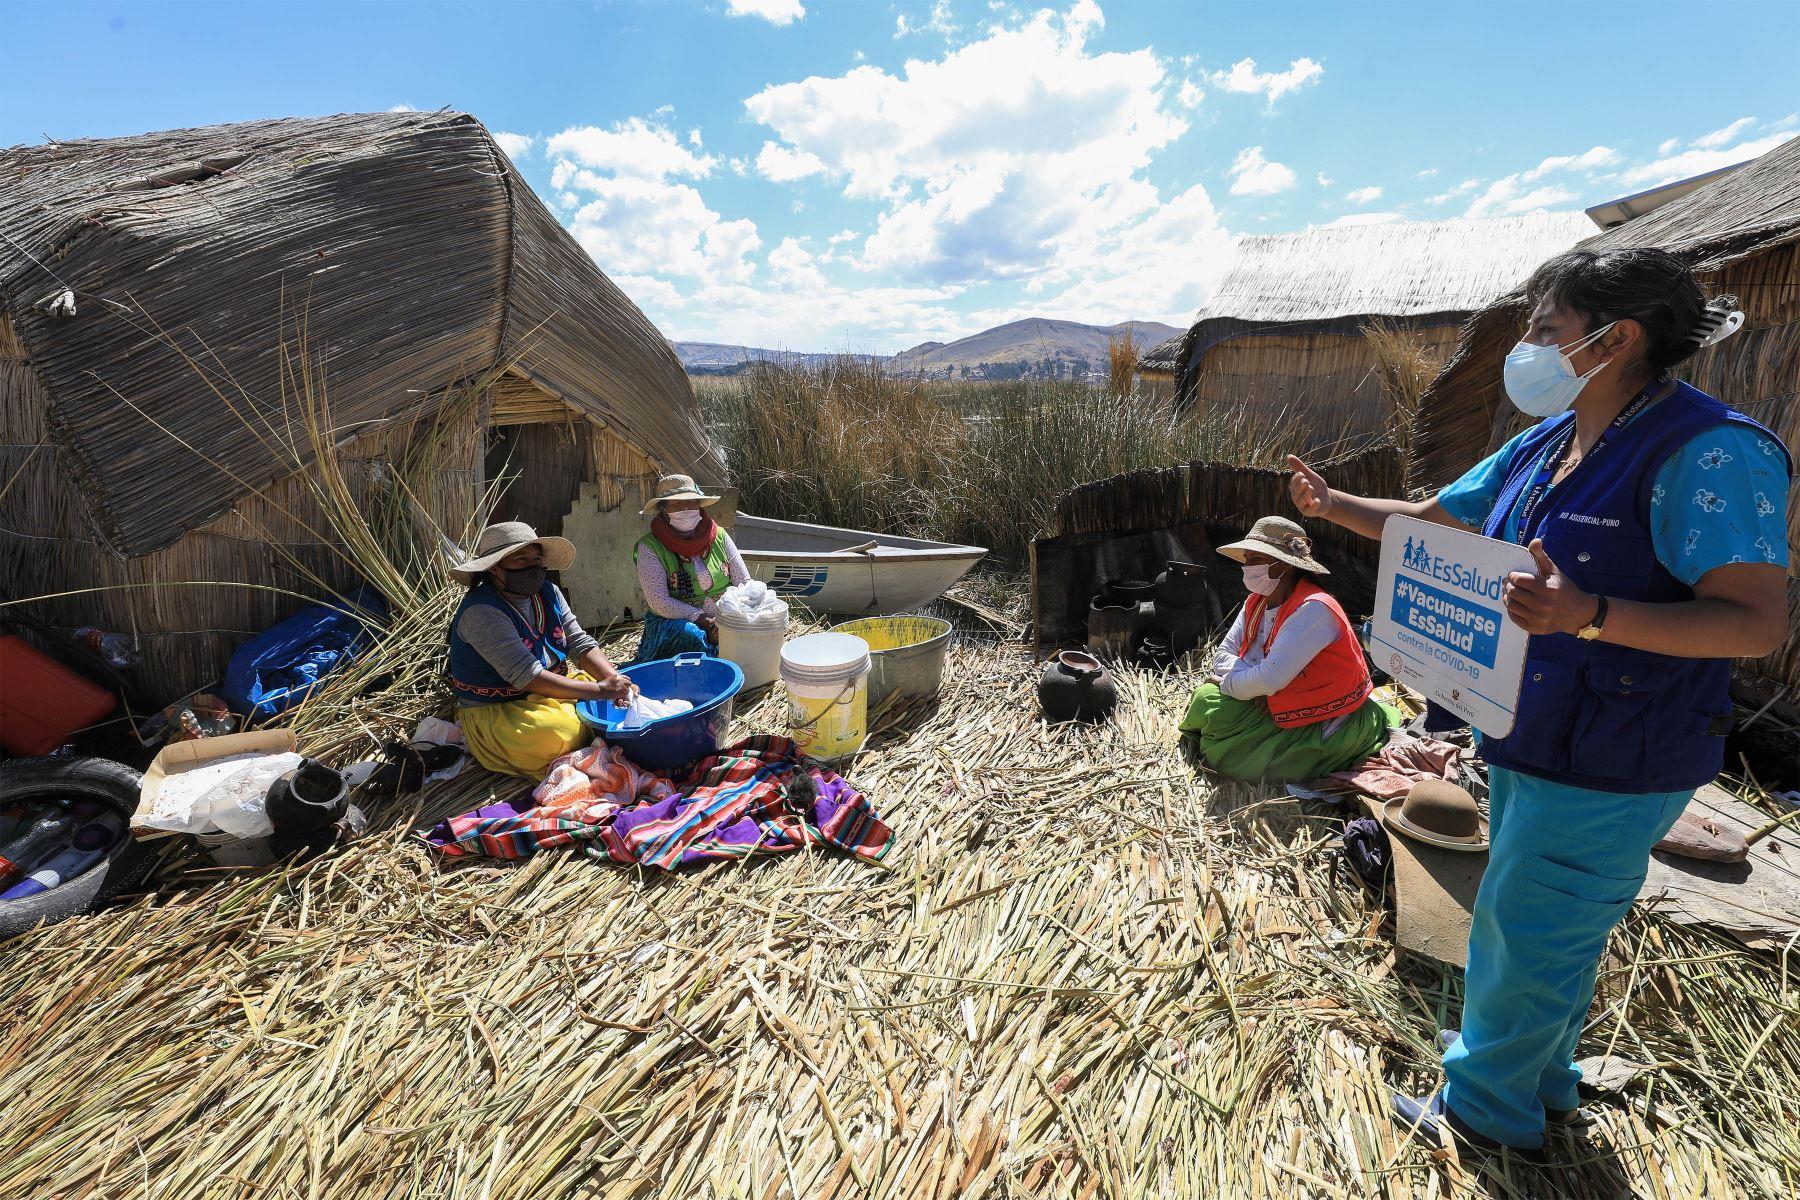 A bordo de una embarcación, personal de salud de la Red EsSalud Puno surcó las aguas del impetuoso lago para desplazarse hasta la comunidad de Uros, donde aplicó las dosis del antígeno a mujeres y hombres que los protege de la temida enfermedad.     Foto: EsSalud